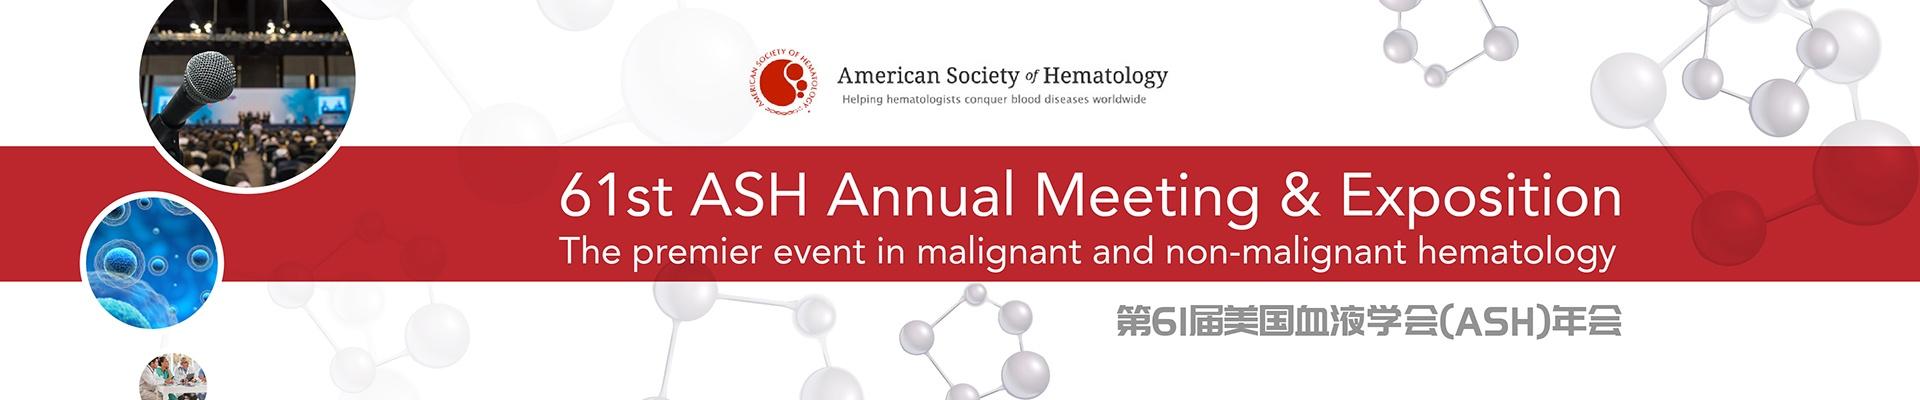 第61届美国血液学会(ASH)年会